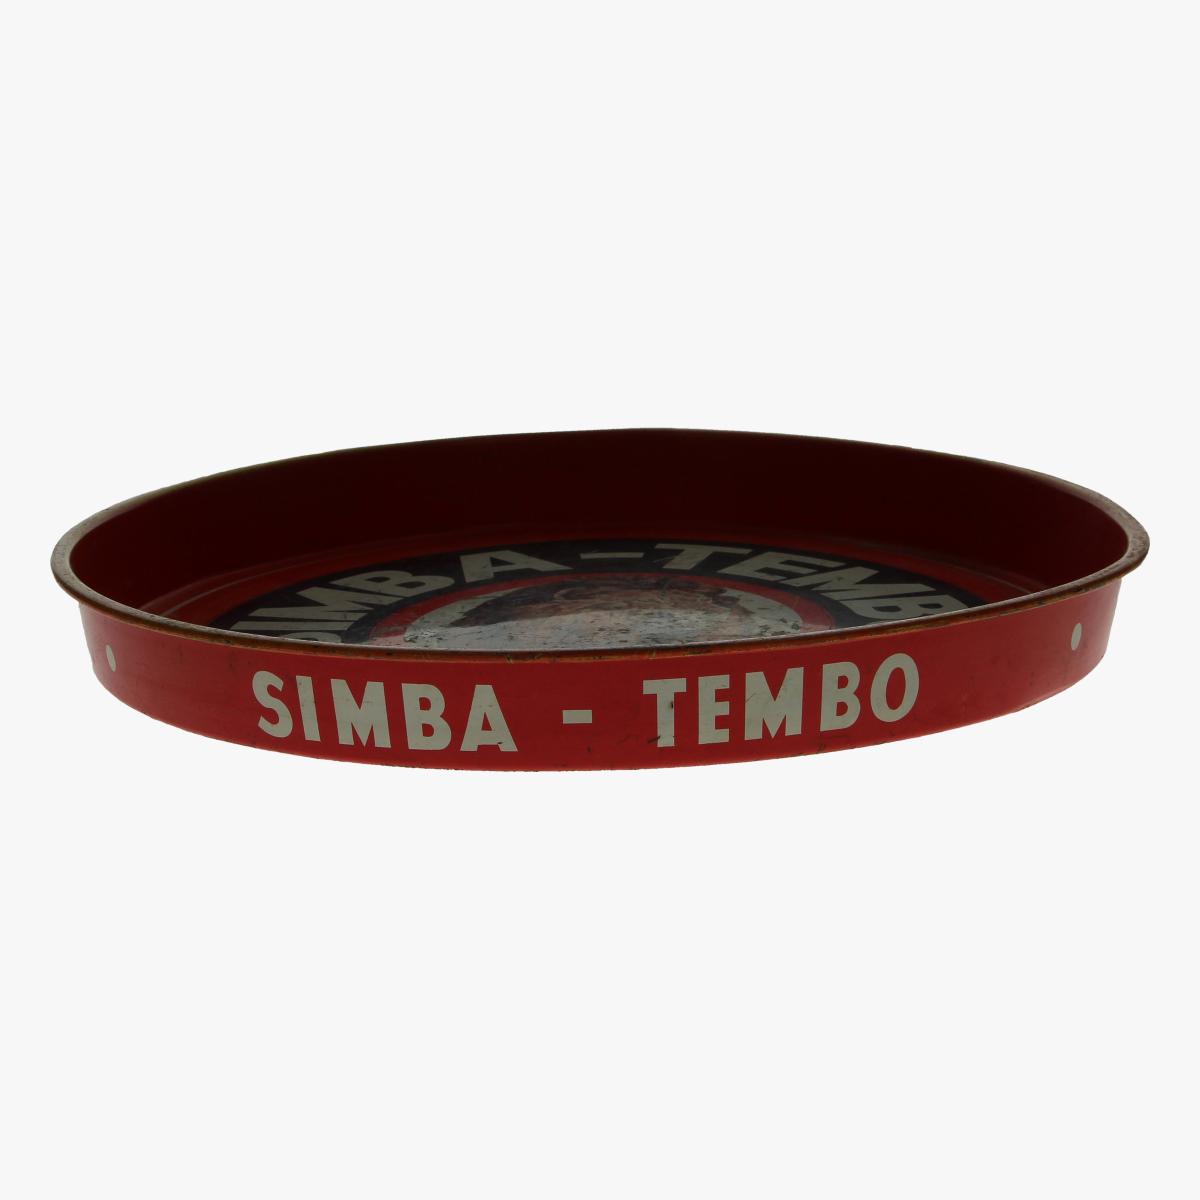 Afbeeldingen van oude plateau Simba-Tembo